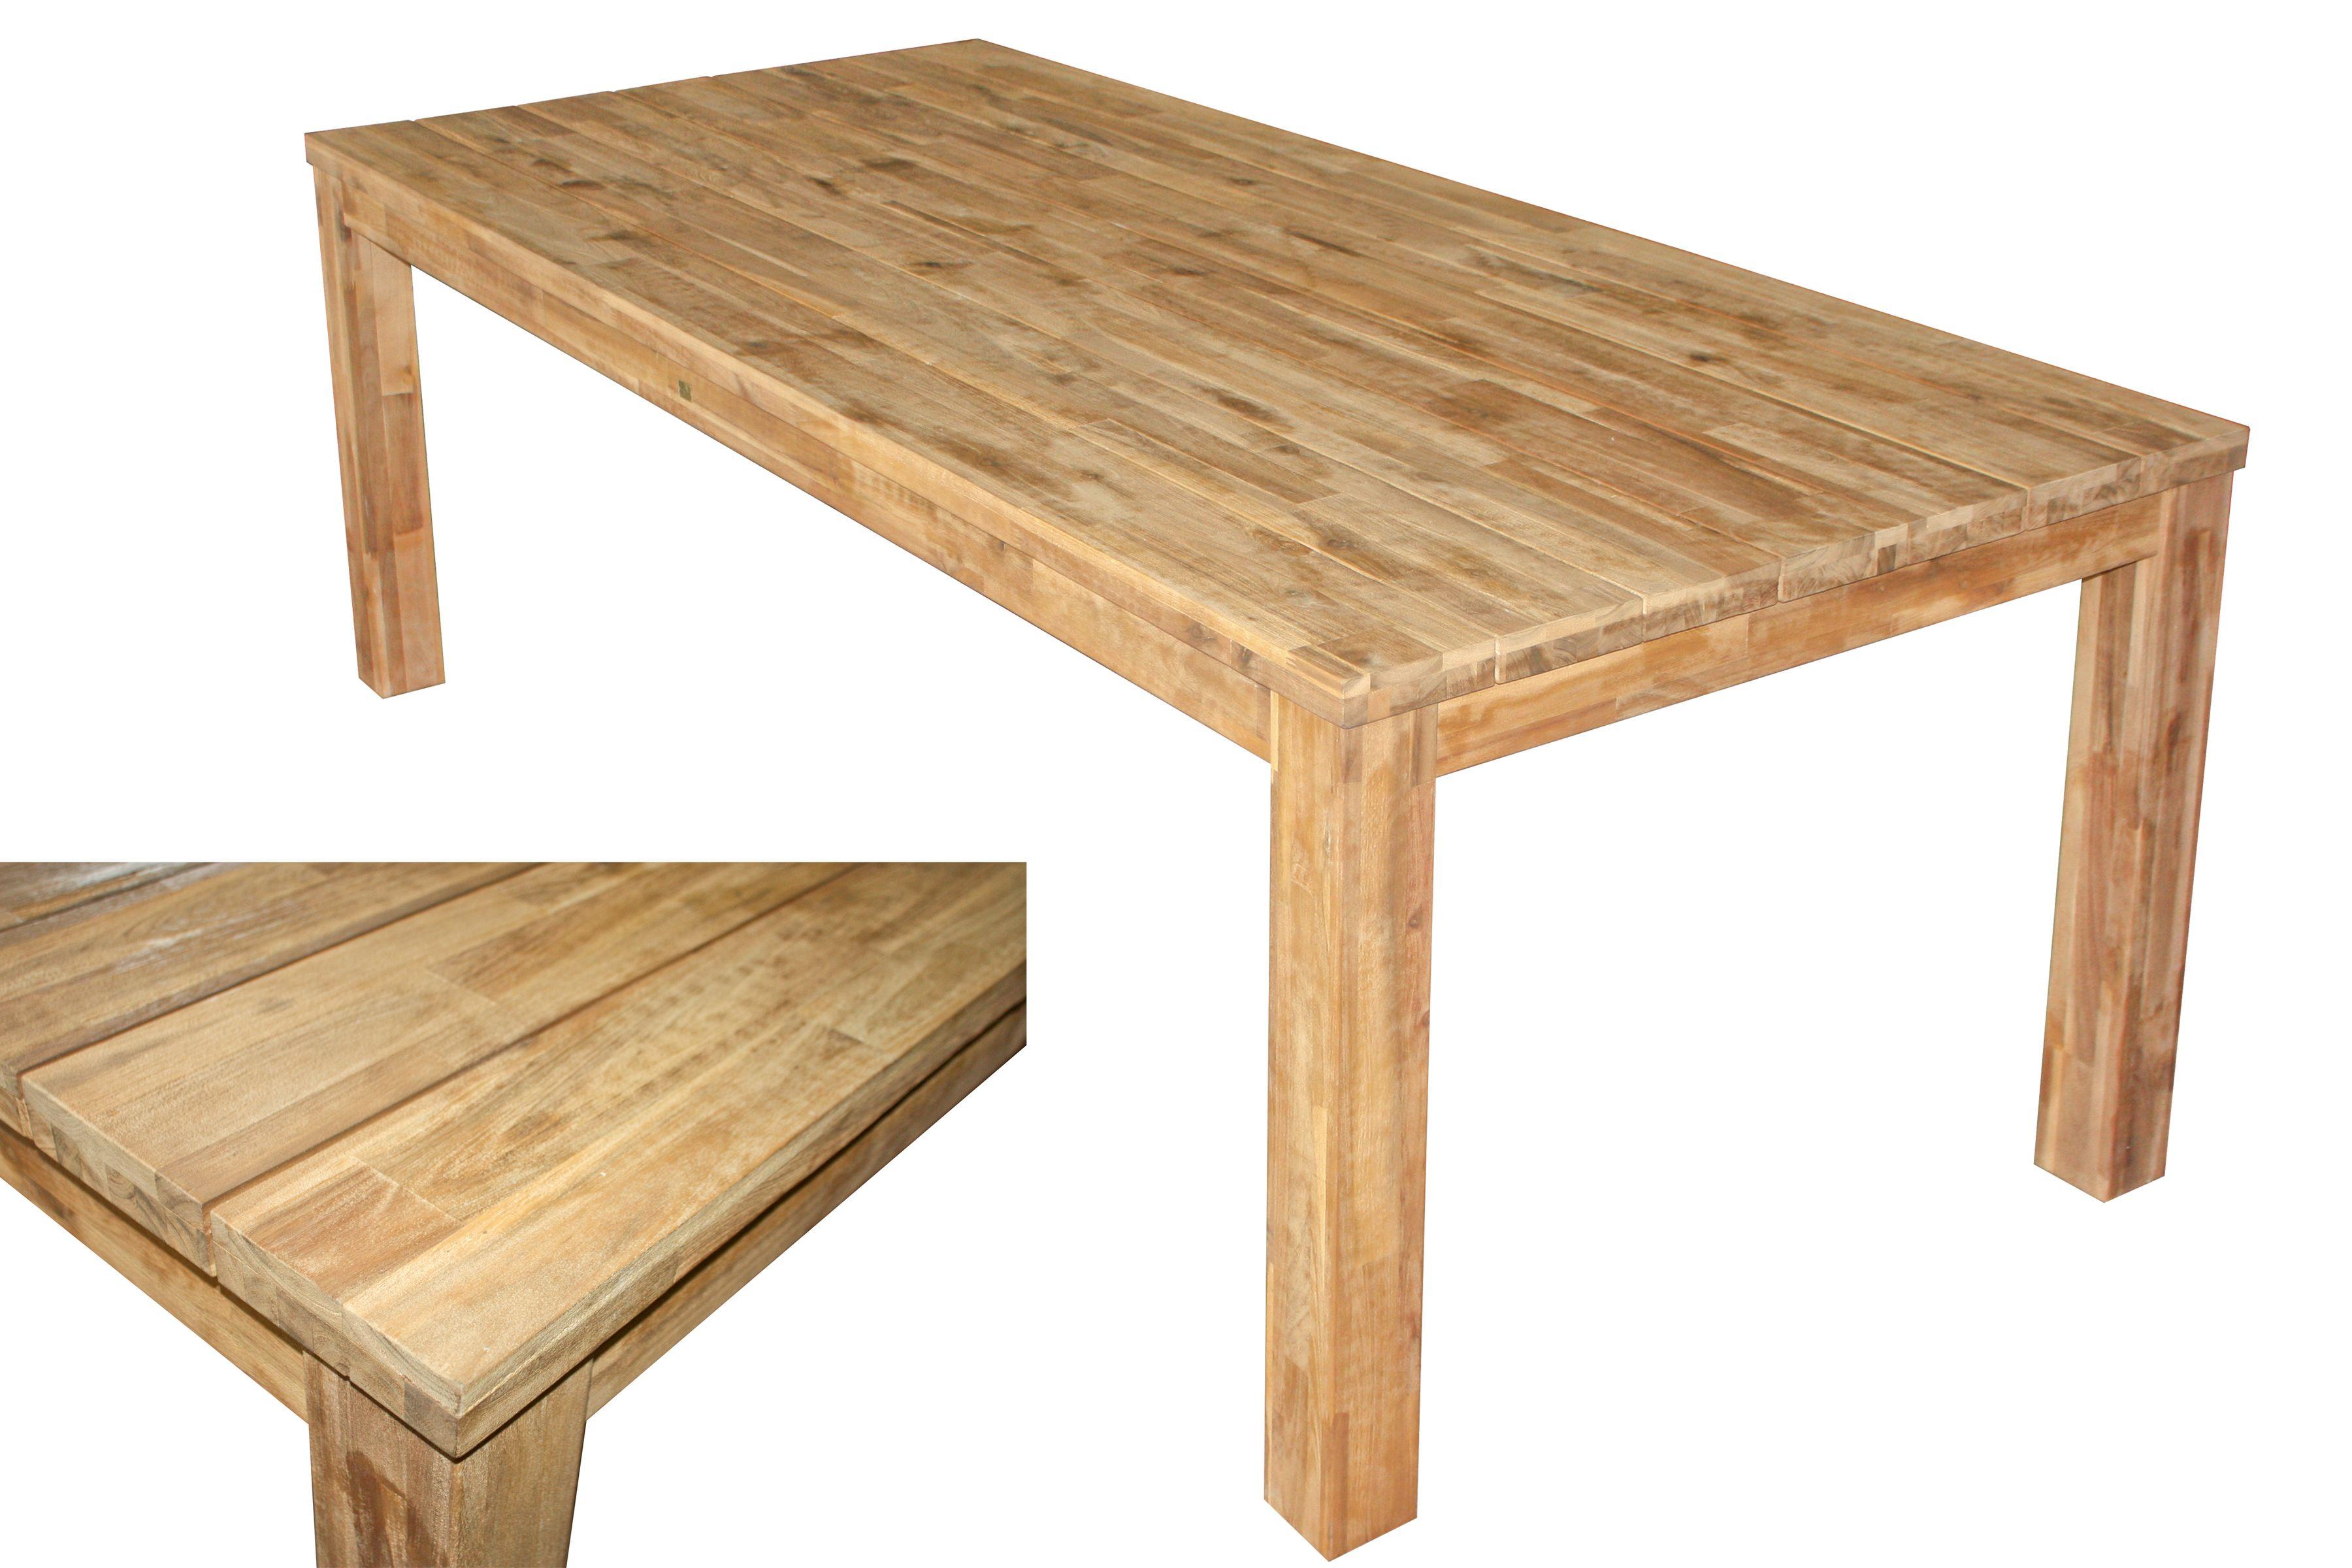 Tisch Kuchentisch Esstisch Gartentisch Holztisch Akazie Holz 220 X